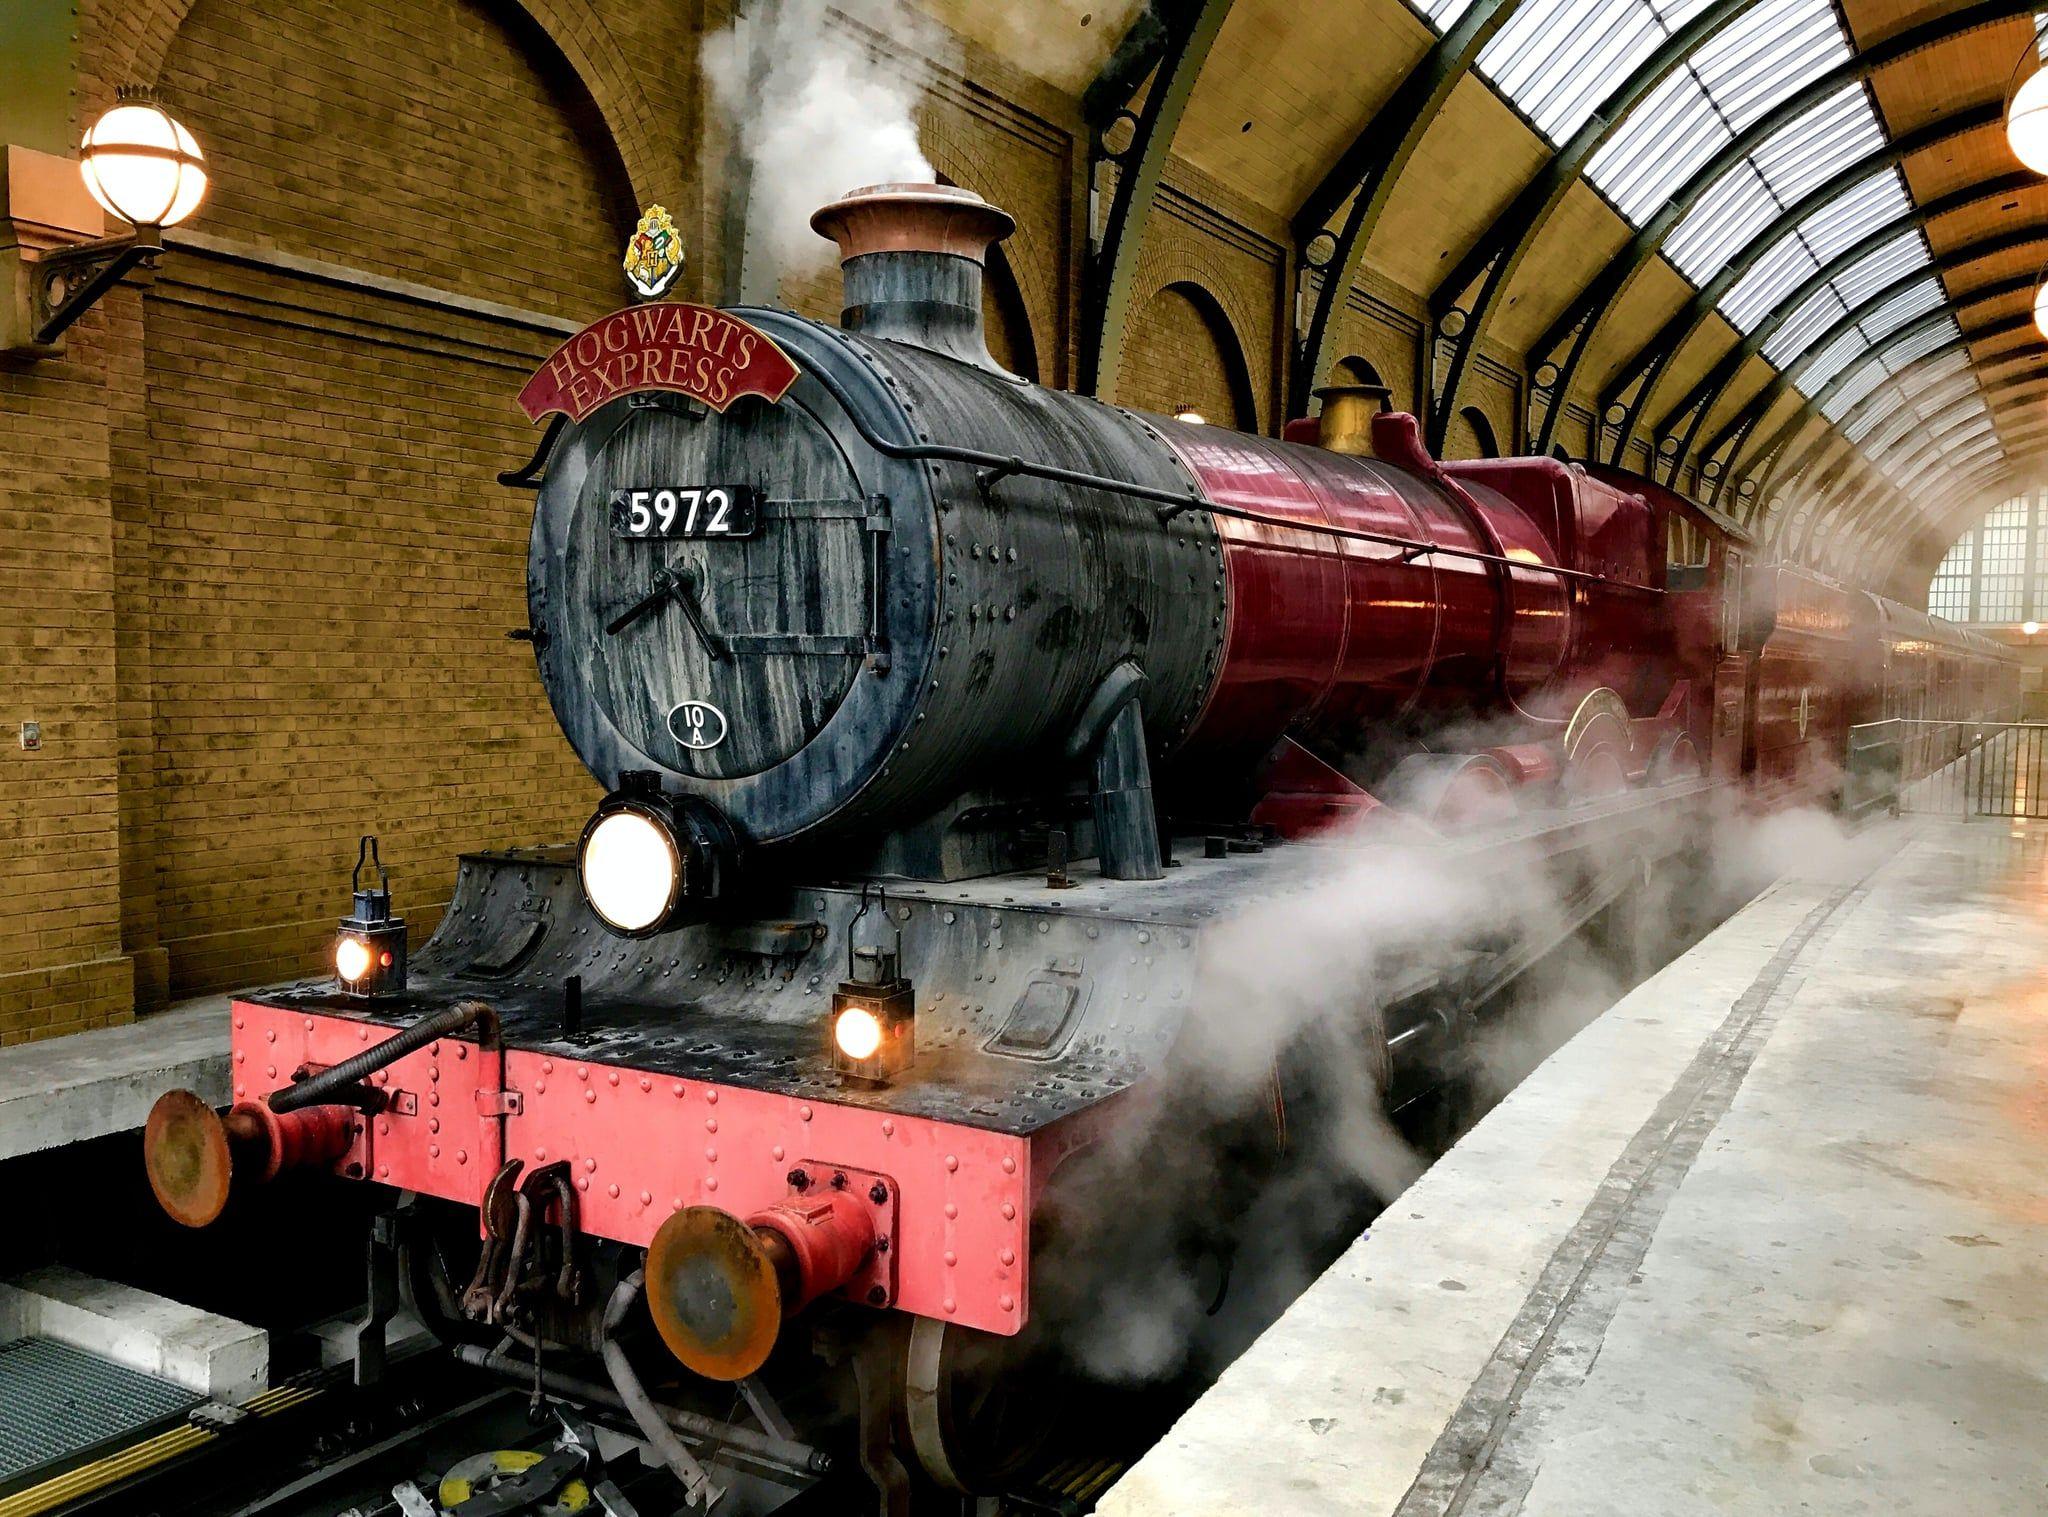 Harry Potter Hogwarts Express Zoom Background Hogwarts Wizarding World Of Harry Potter Harry Potter Riddles